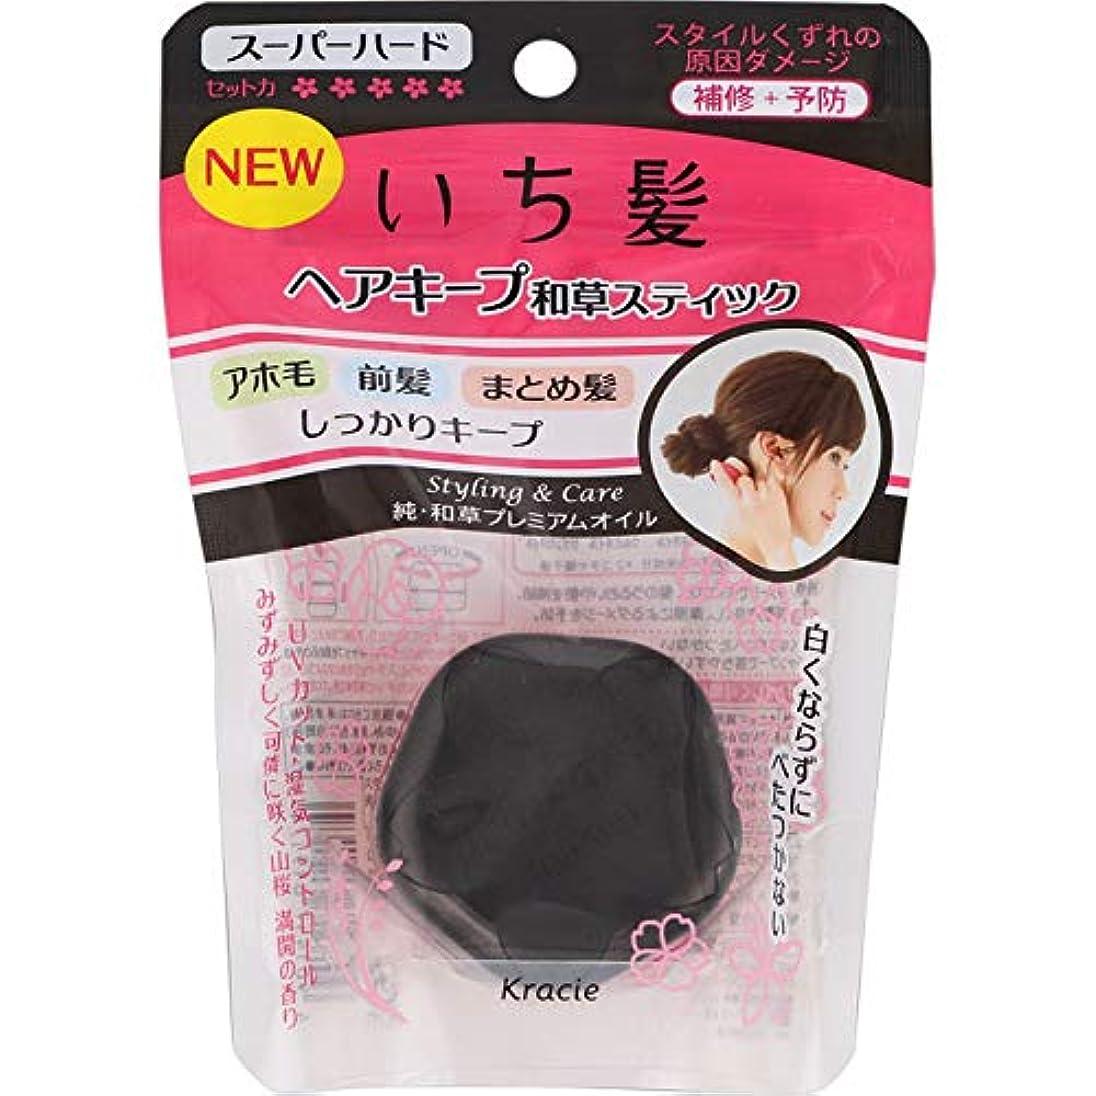 おかしい甘やかす淡いいち髪 ヘアキープ和草スティック(スーパーハード) × 4個セット